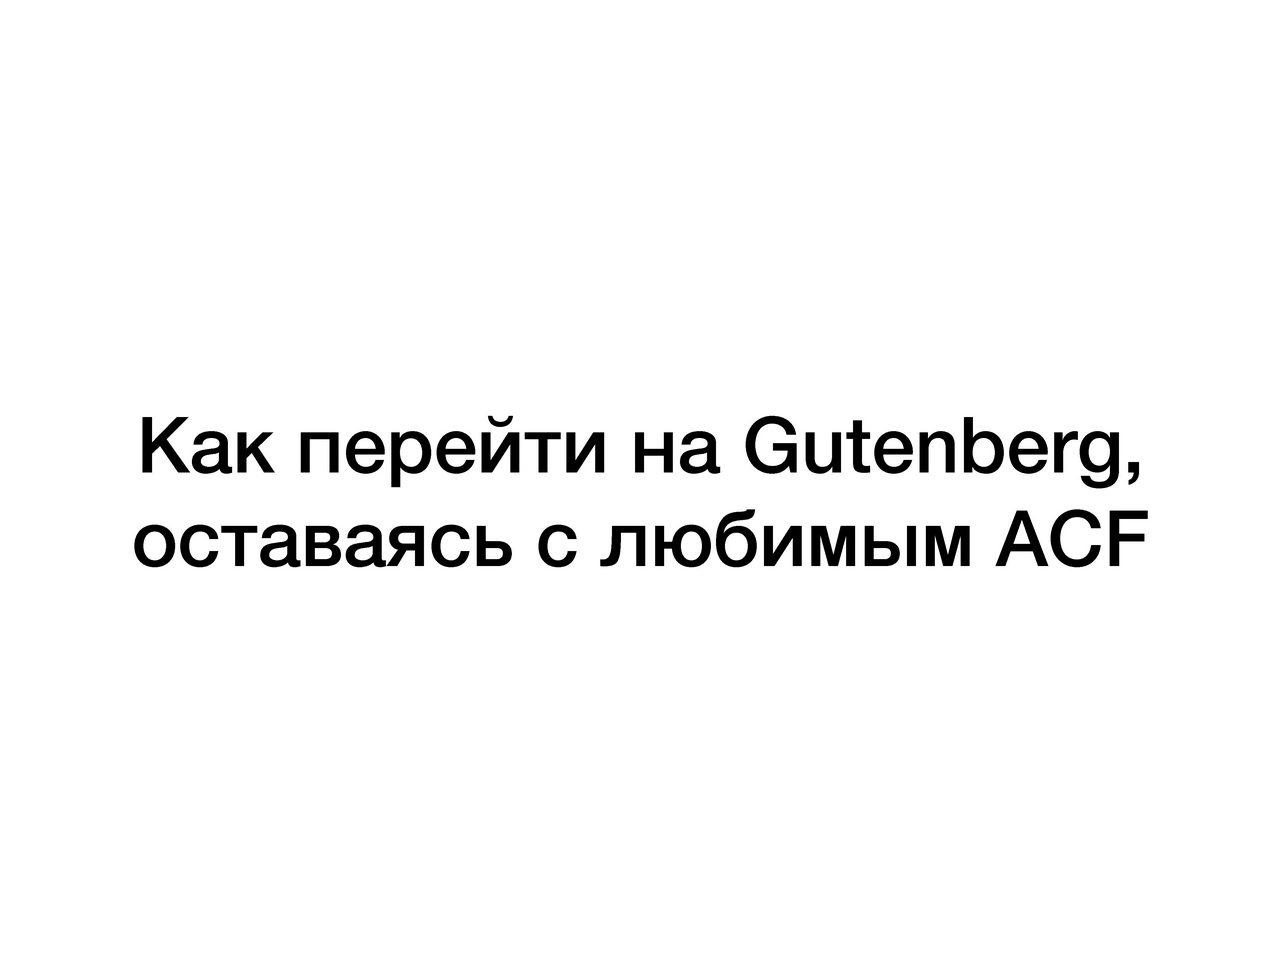 Как перейти на Gutenberg,оставаясьслюбимым ACF - Макс Лючин_Page_01